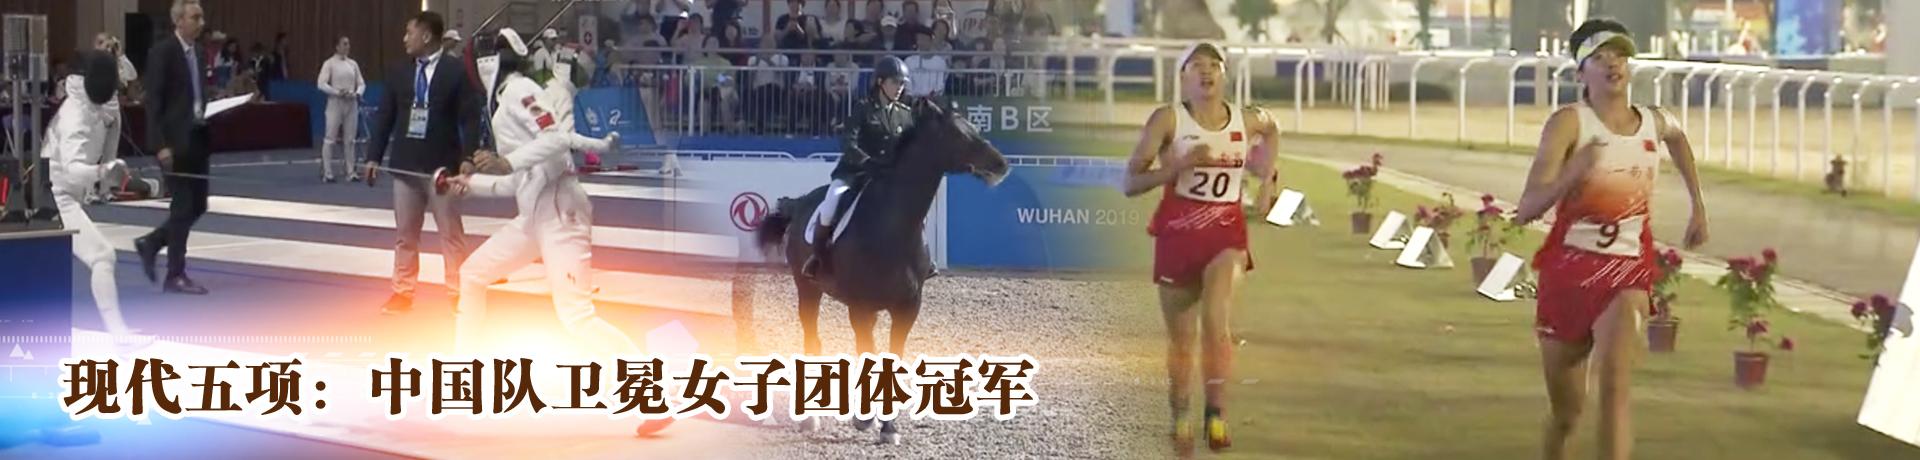 現代五項:中國隊衛冕女子團體冠軍